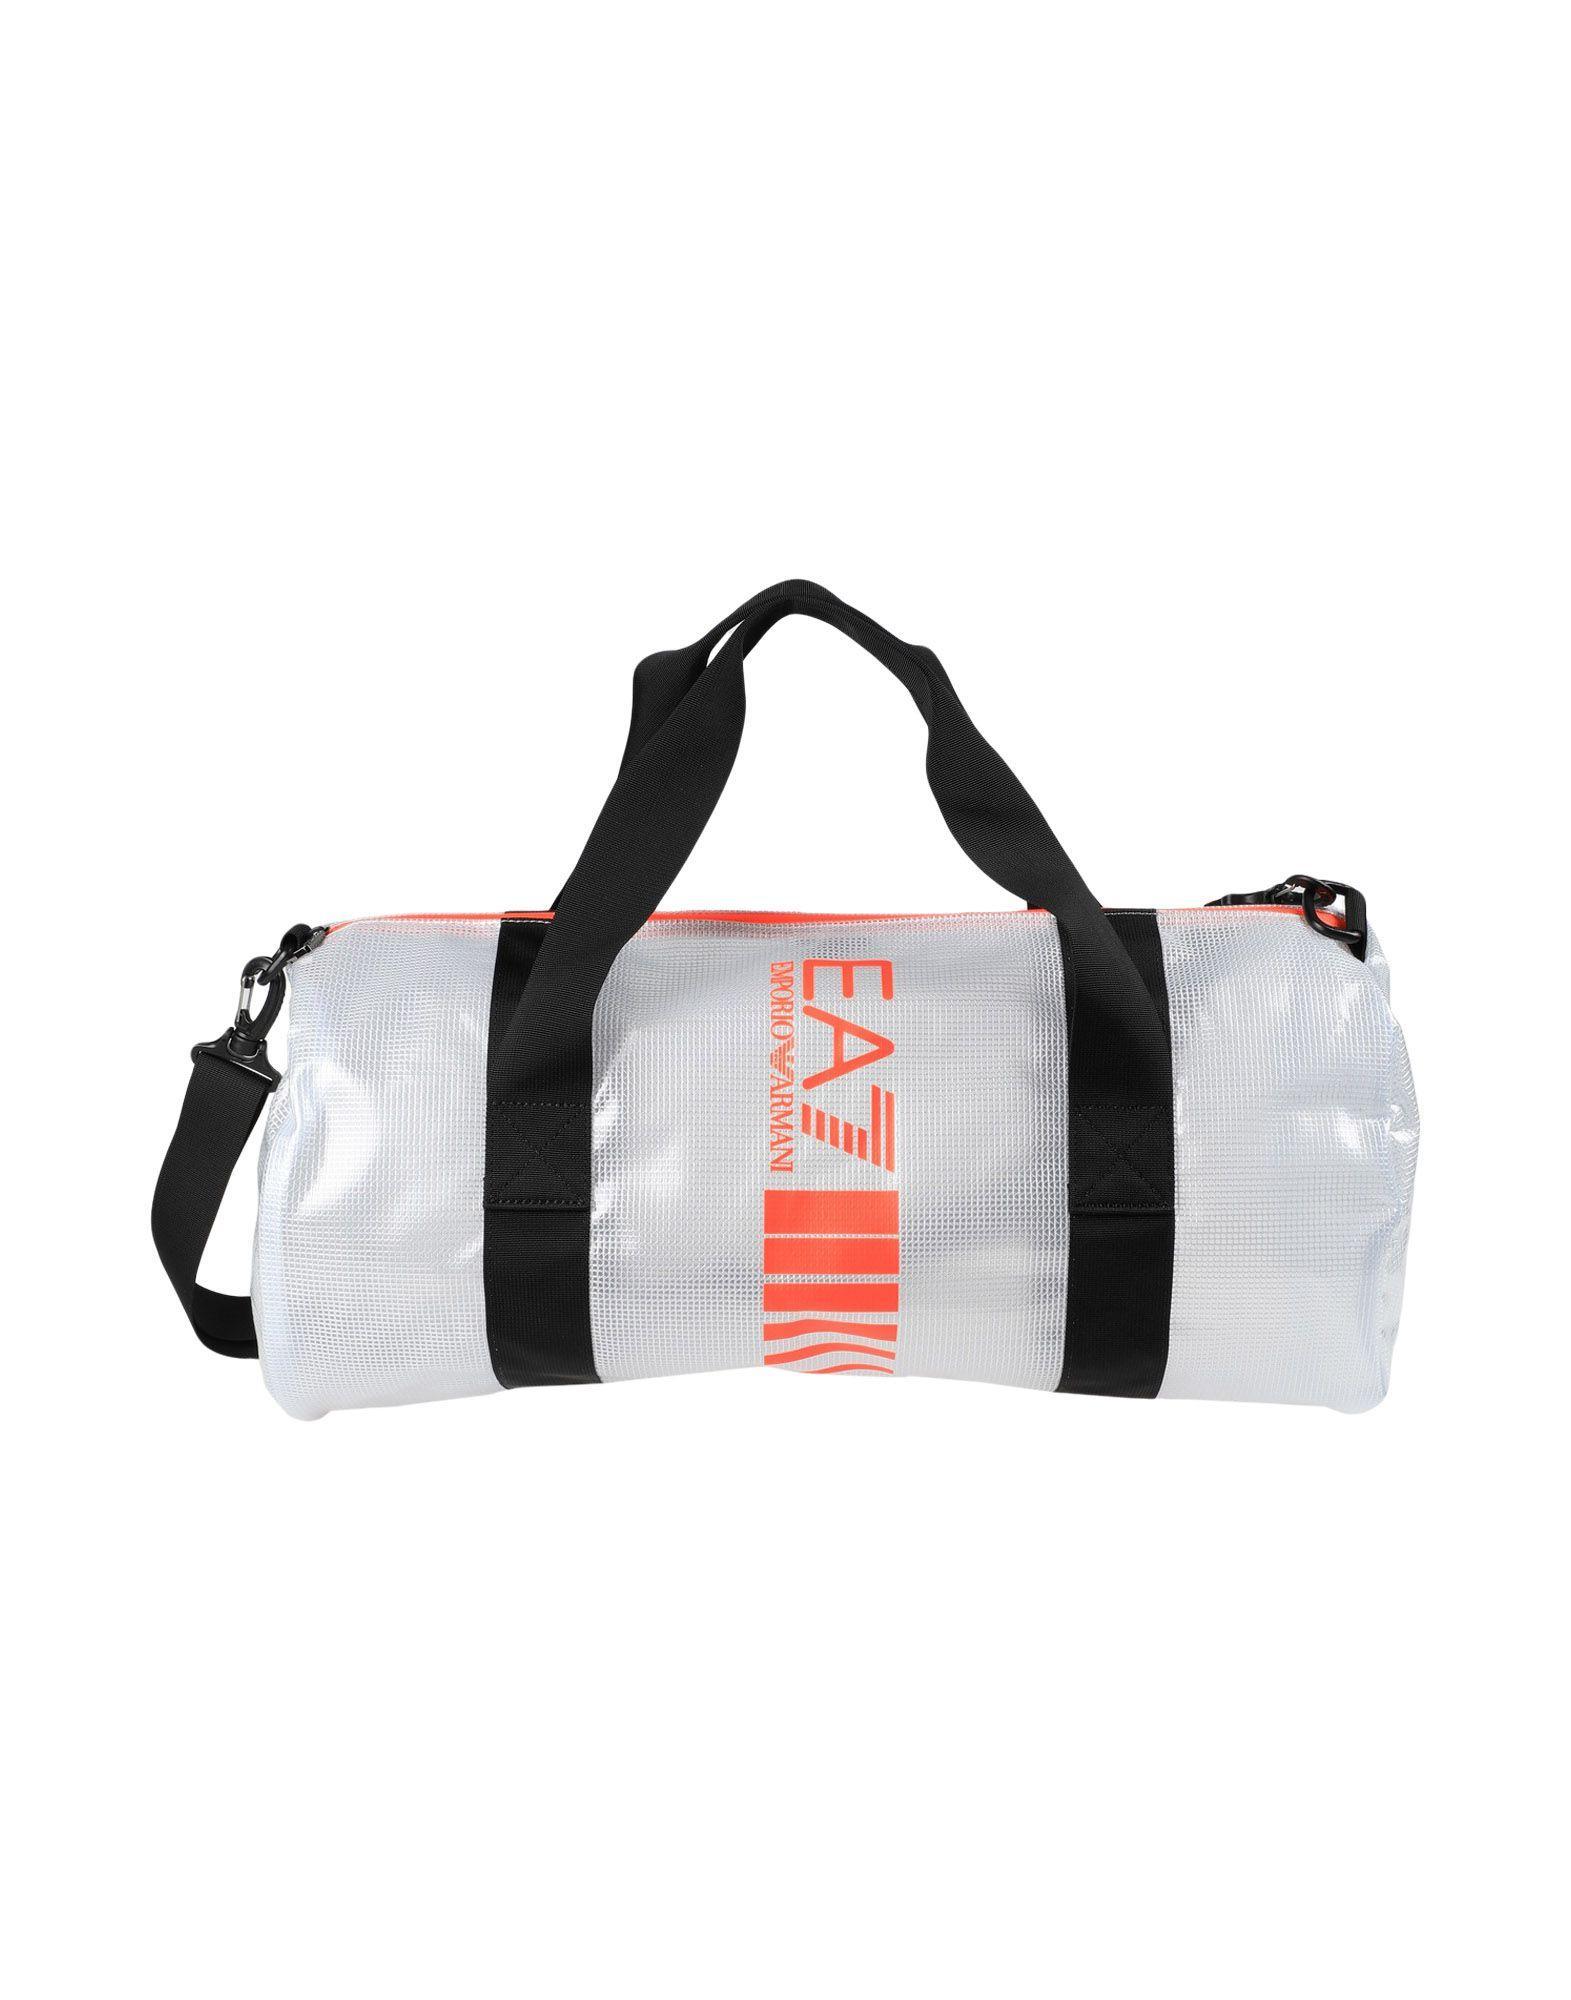 Ea7 Travel & Duffel Bags In Transparent